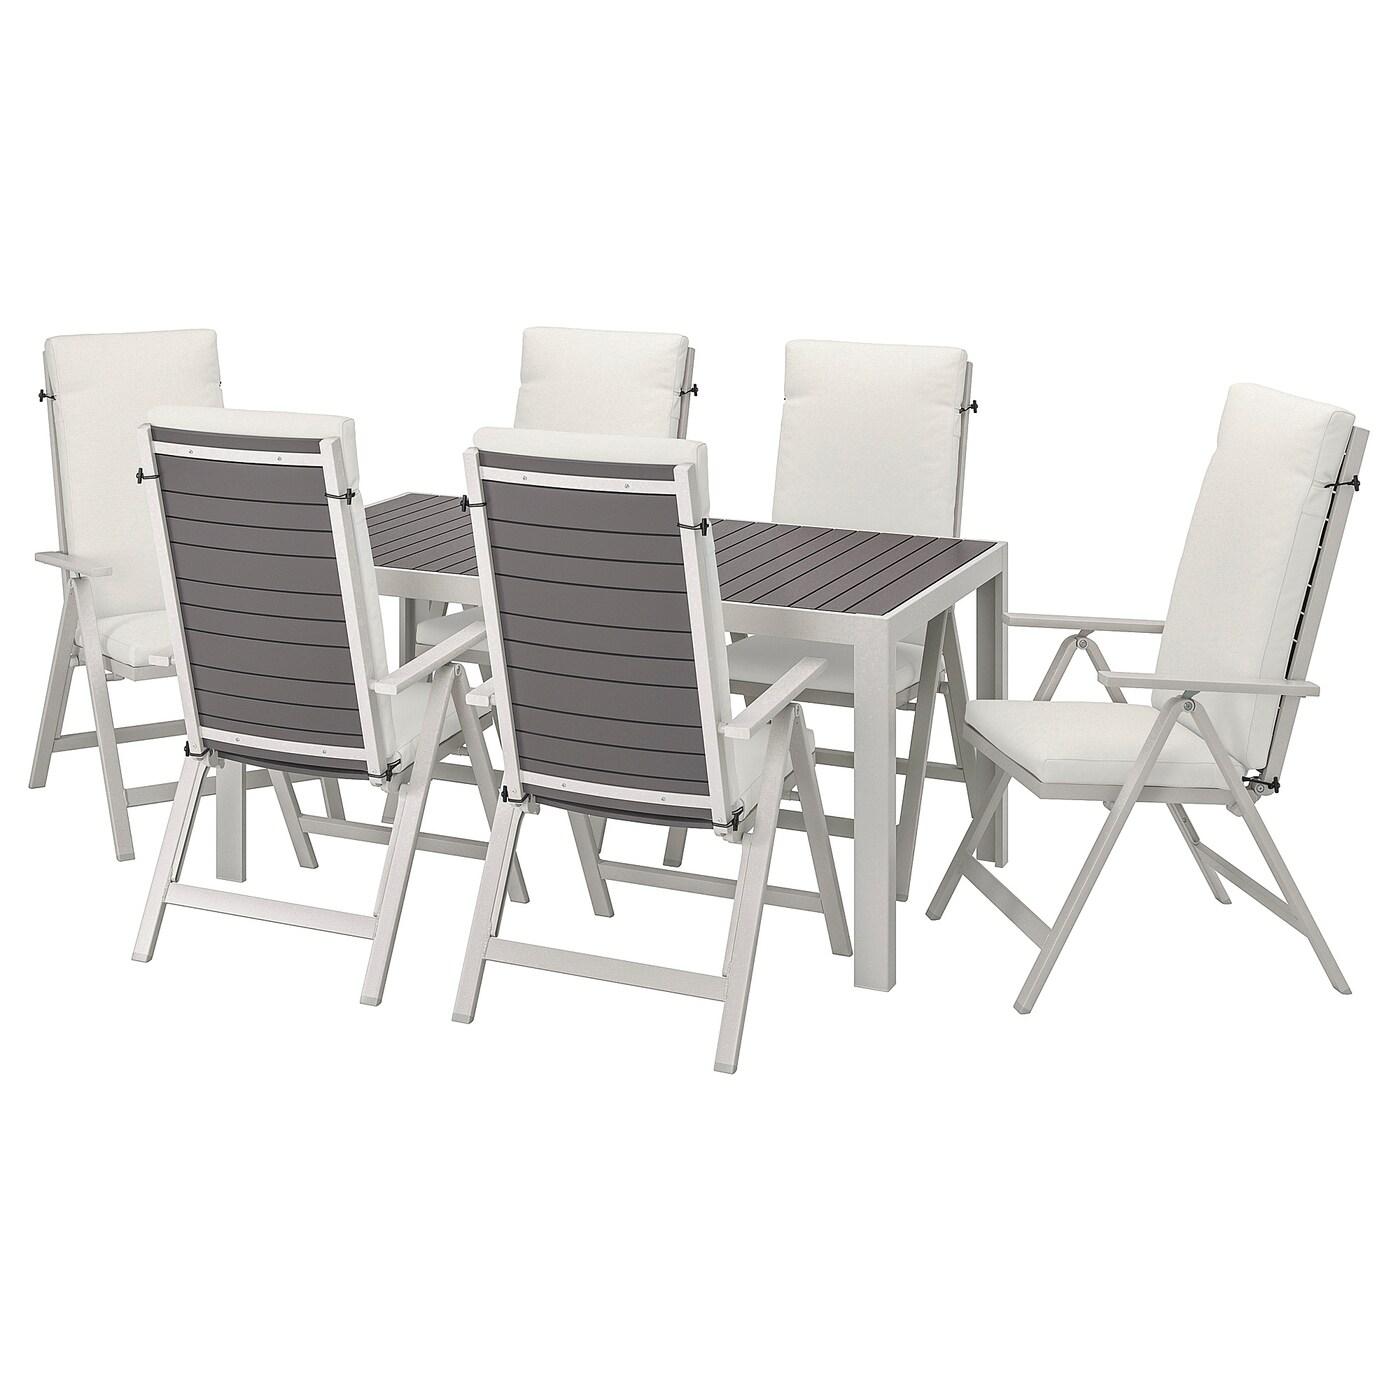 Full Size of Liegestuhl Ikea Sjlland Tisch 6 Hochlehner Auen Dunkelgrau Küche Kosten Betten Bei 160x200 Modulküche Kaufen Miniküche Garten Sofa Mit Schlaffunktion Wohnzimmer Liegestuhl Ikea